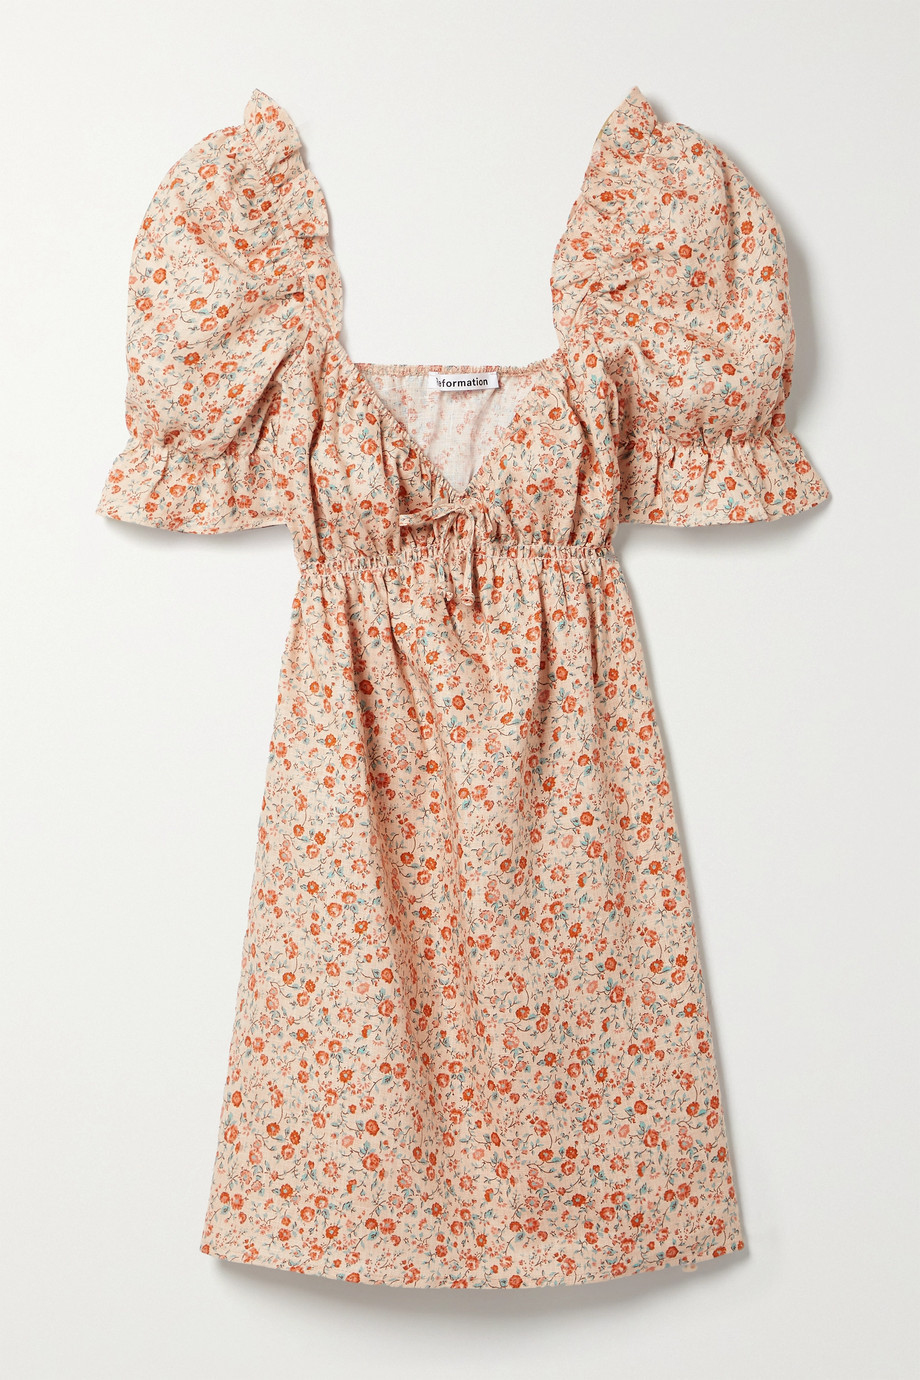 Reformation + NET SUSTAIN Channa Minikleid aus Leinen mit Blumenprint und Rüschen